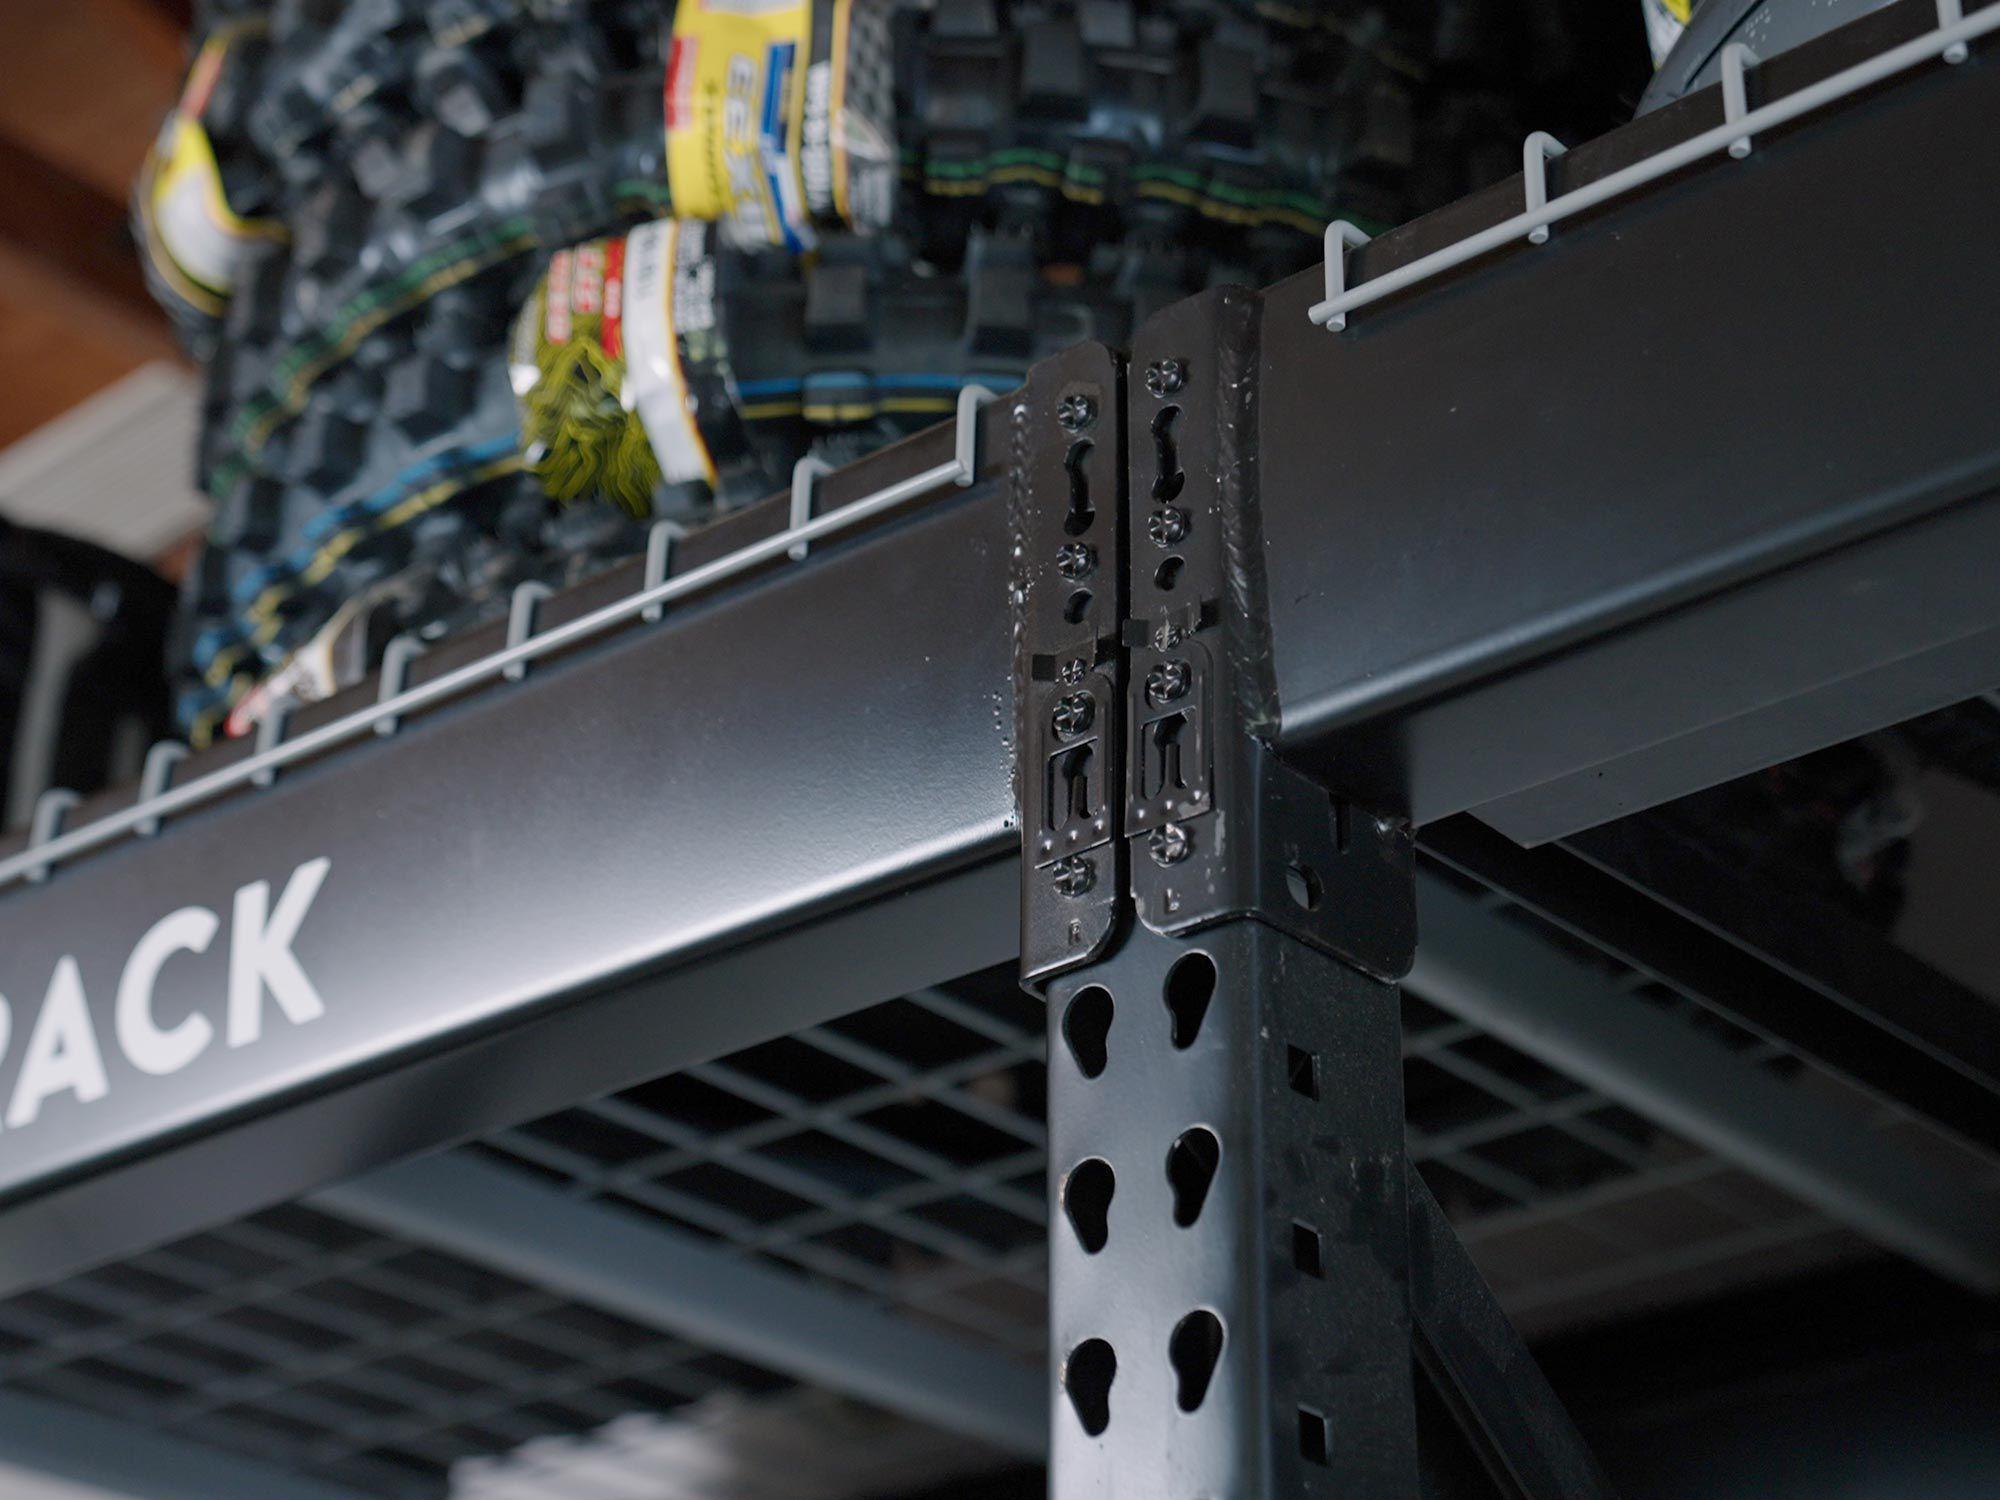 De armen worden bevestigd via gebruiksvriendelijke push-pins die een stevige verbinding maken.